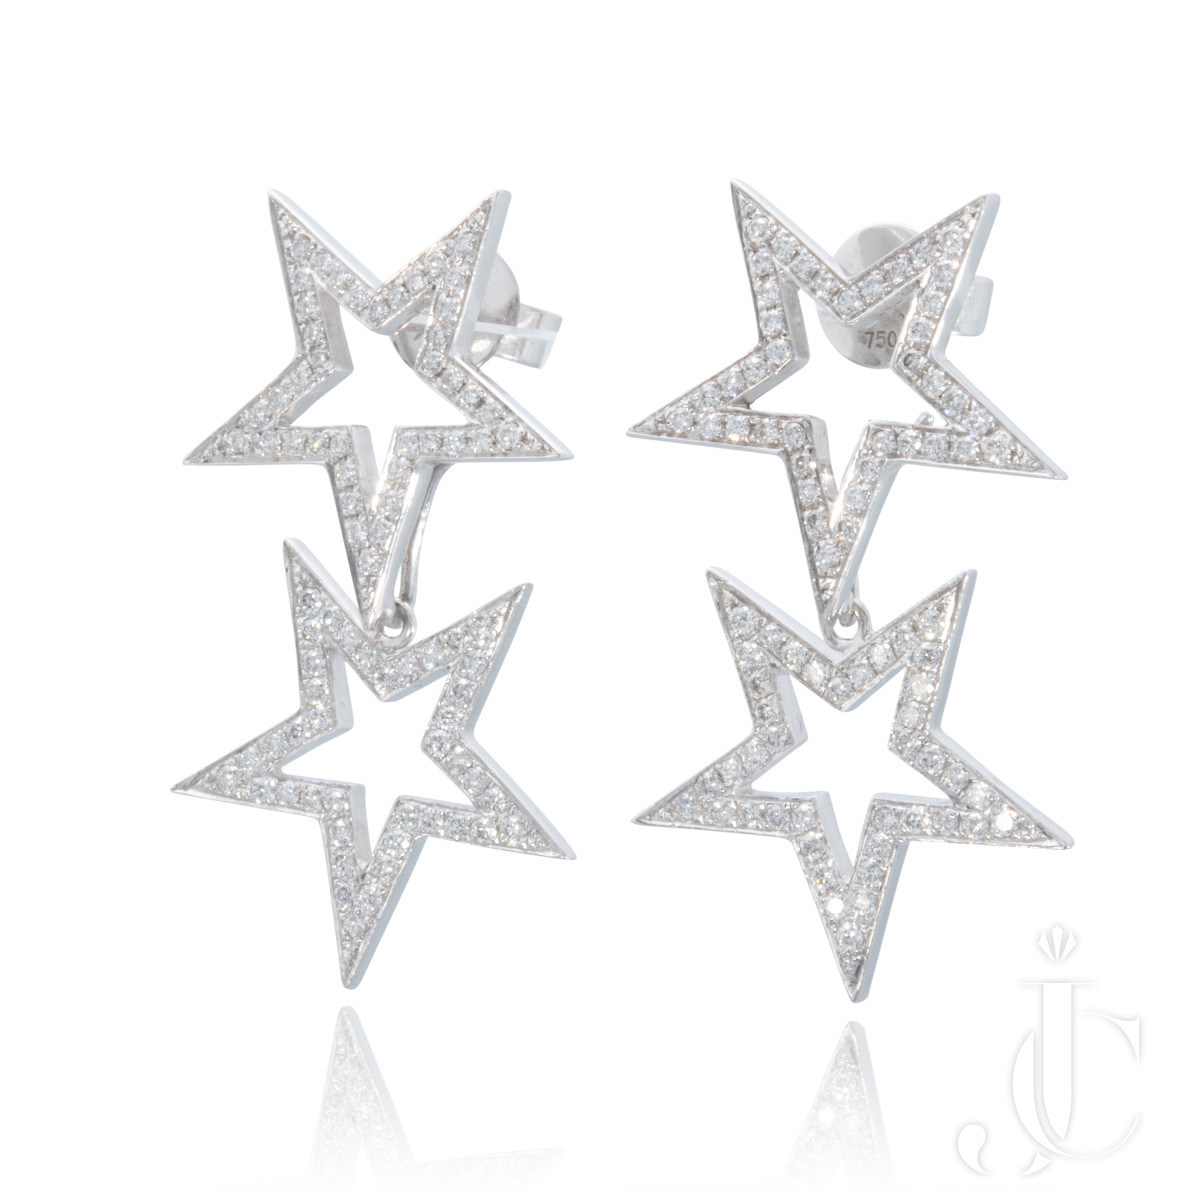 An Order of Bling Diamond Star Earrings, 18 Karat White Gold